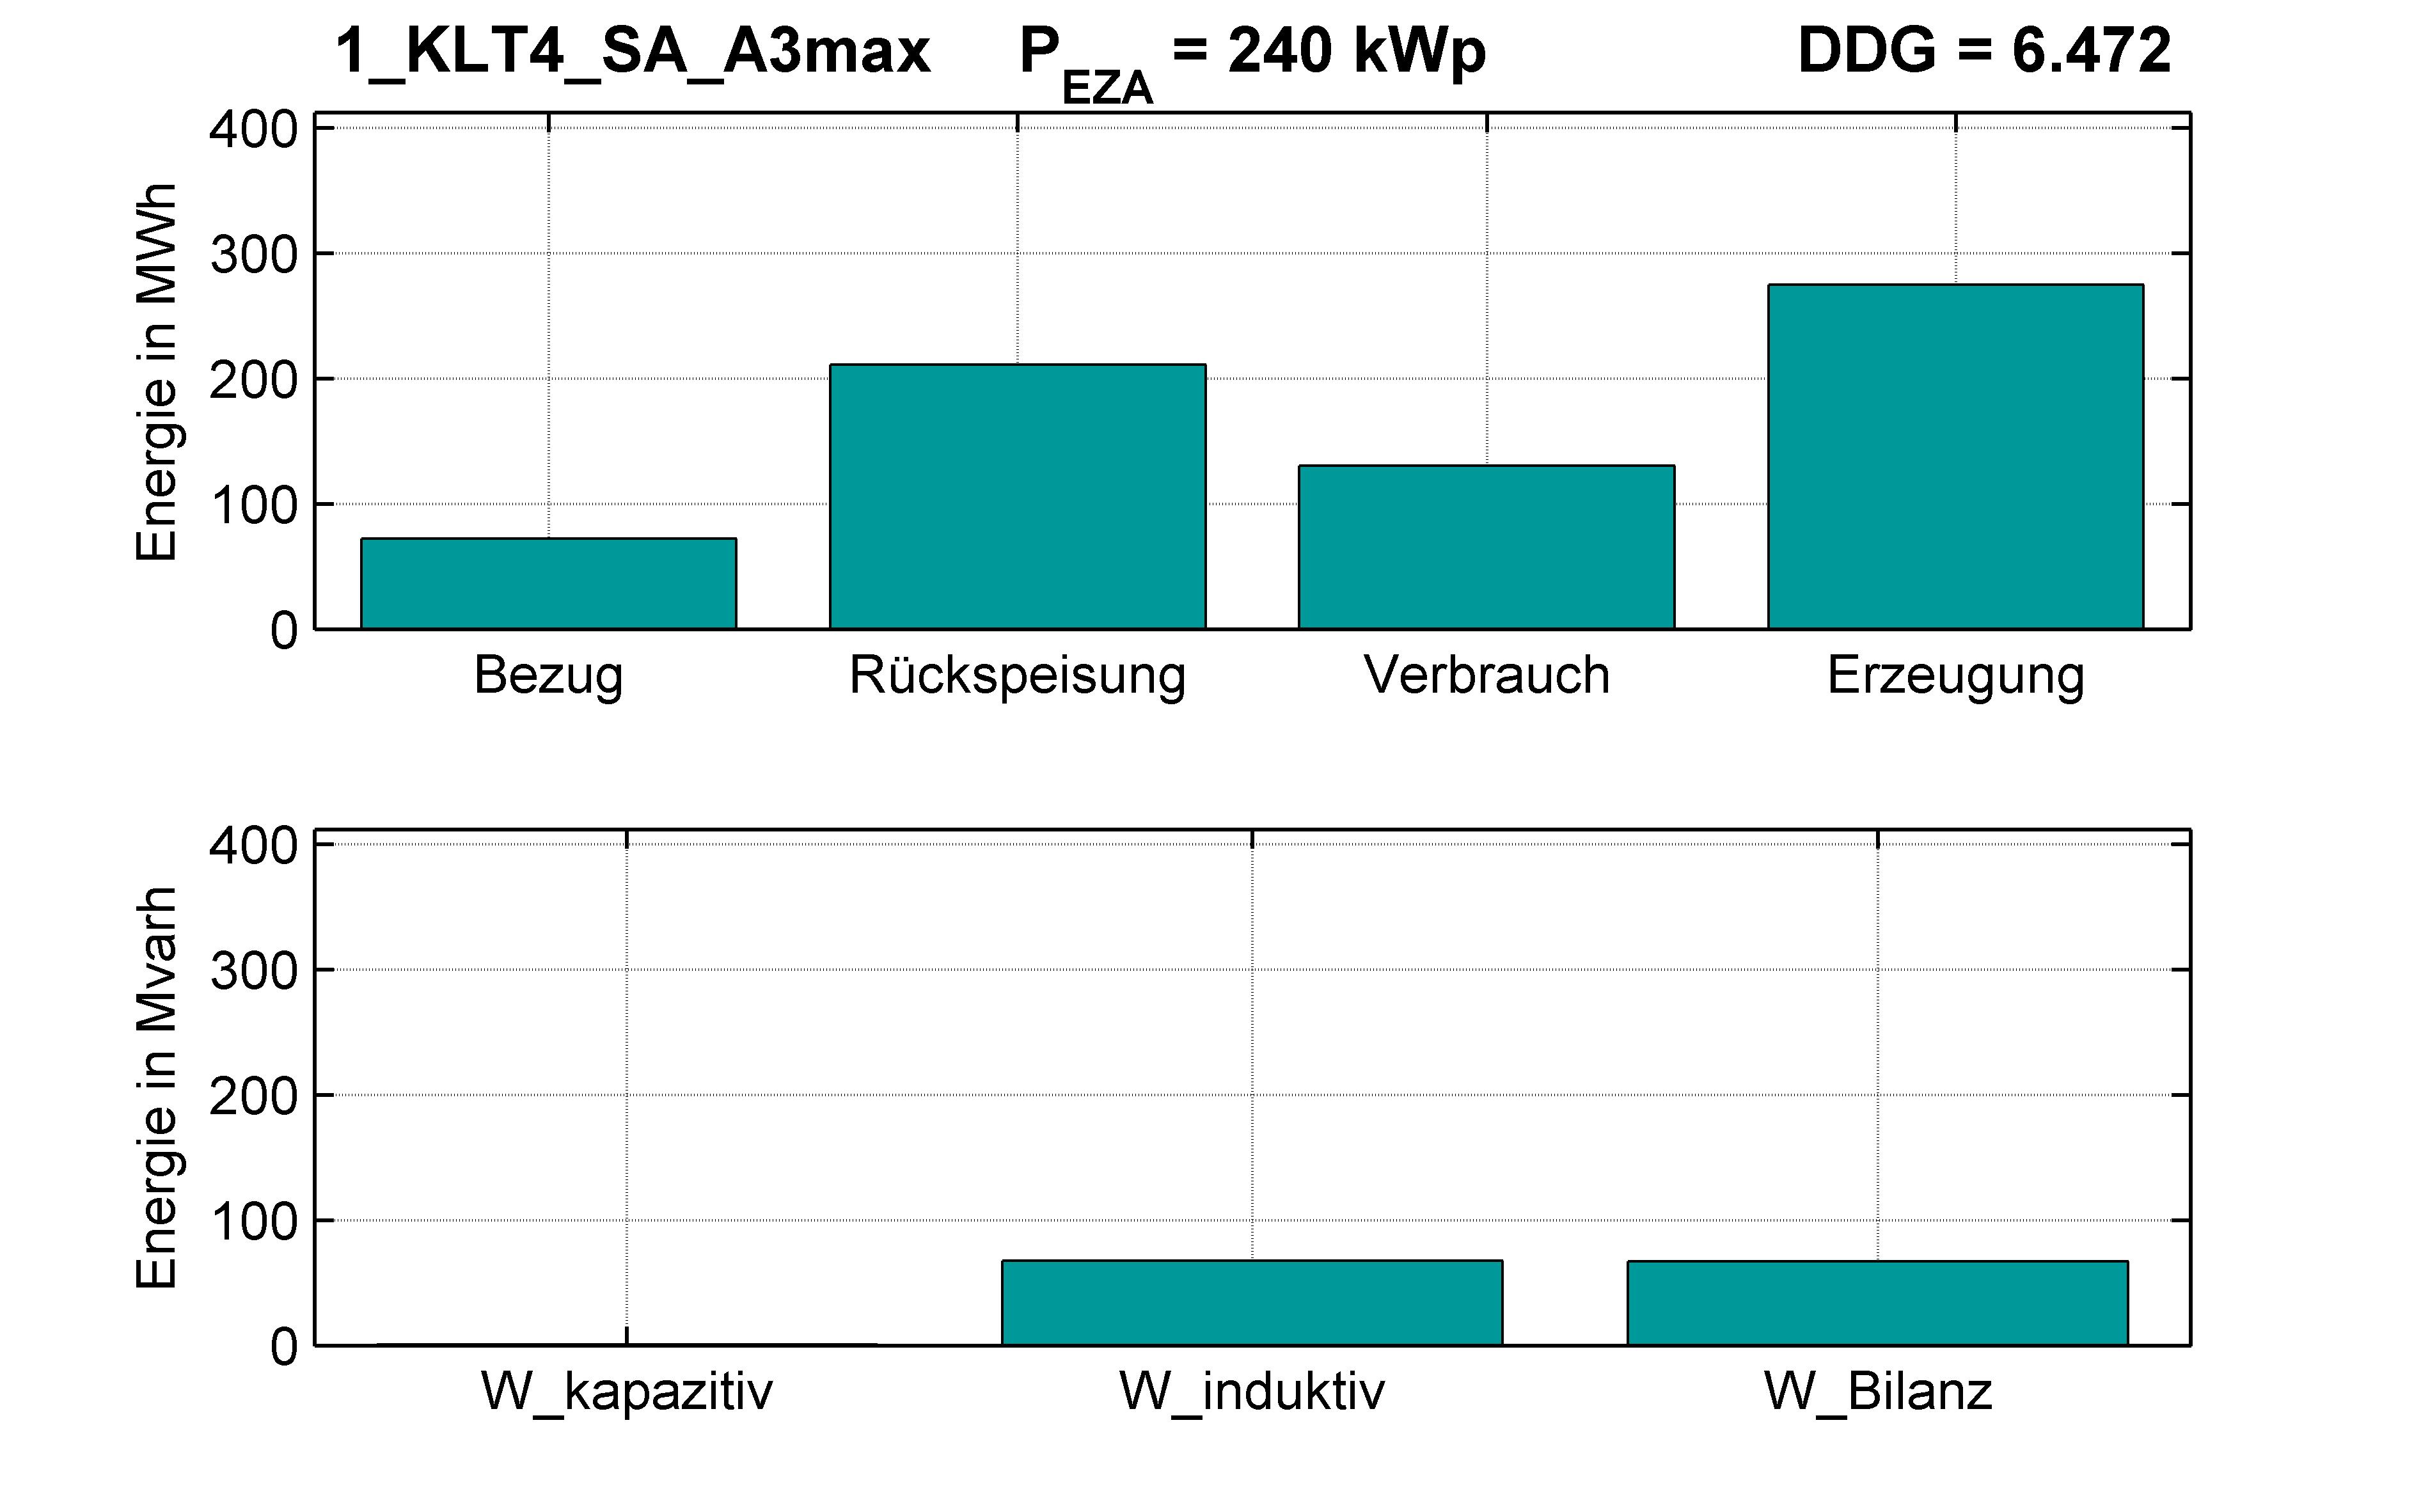 KLT4 | KABEL (SA) A3max | PQ-Bilanz